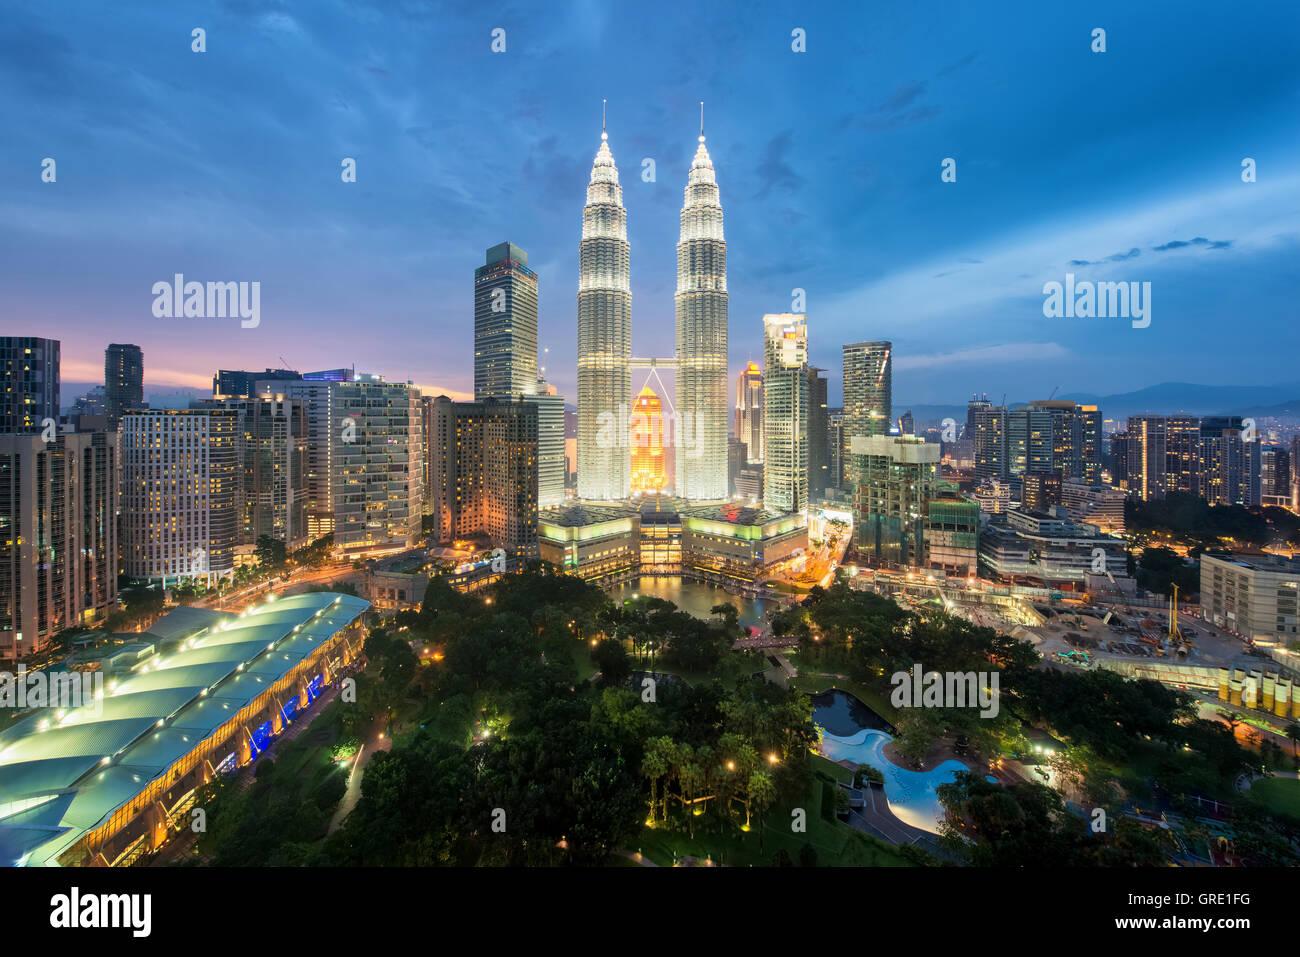 Kuala Lumpur skyline and skyscraper at night in Kuala Lumpur, Malaysia. Stock Photo